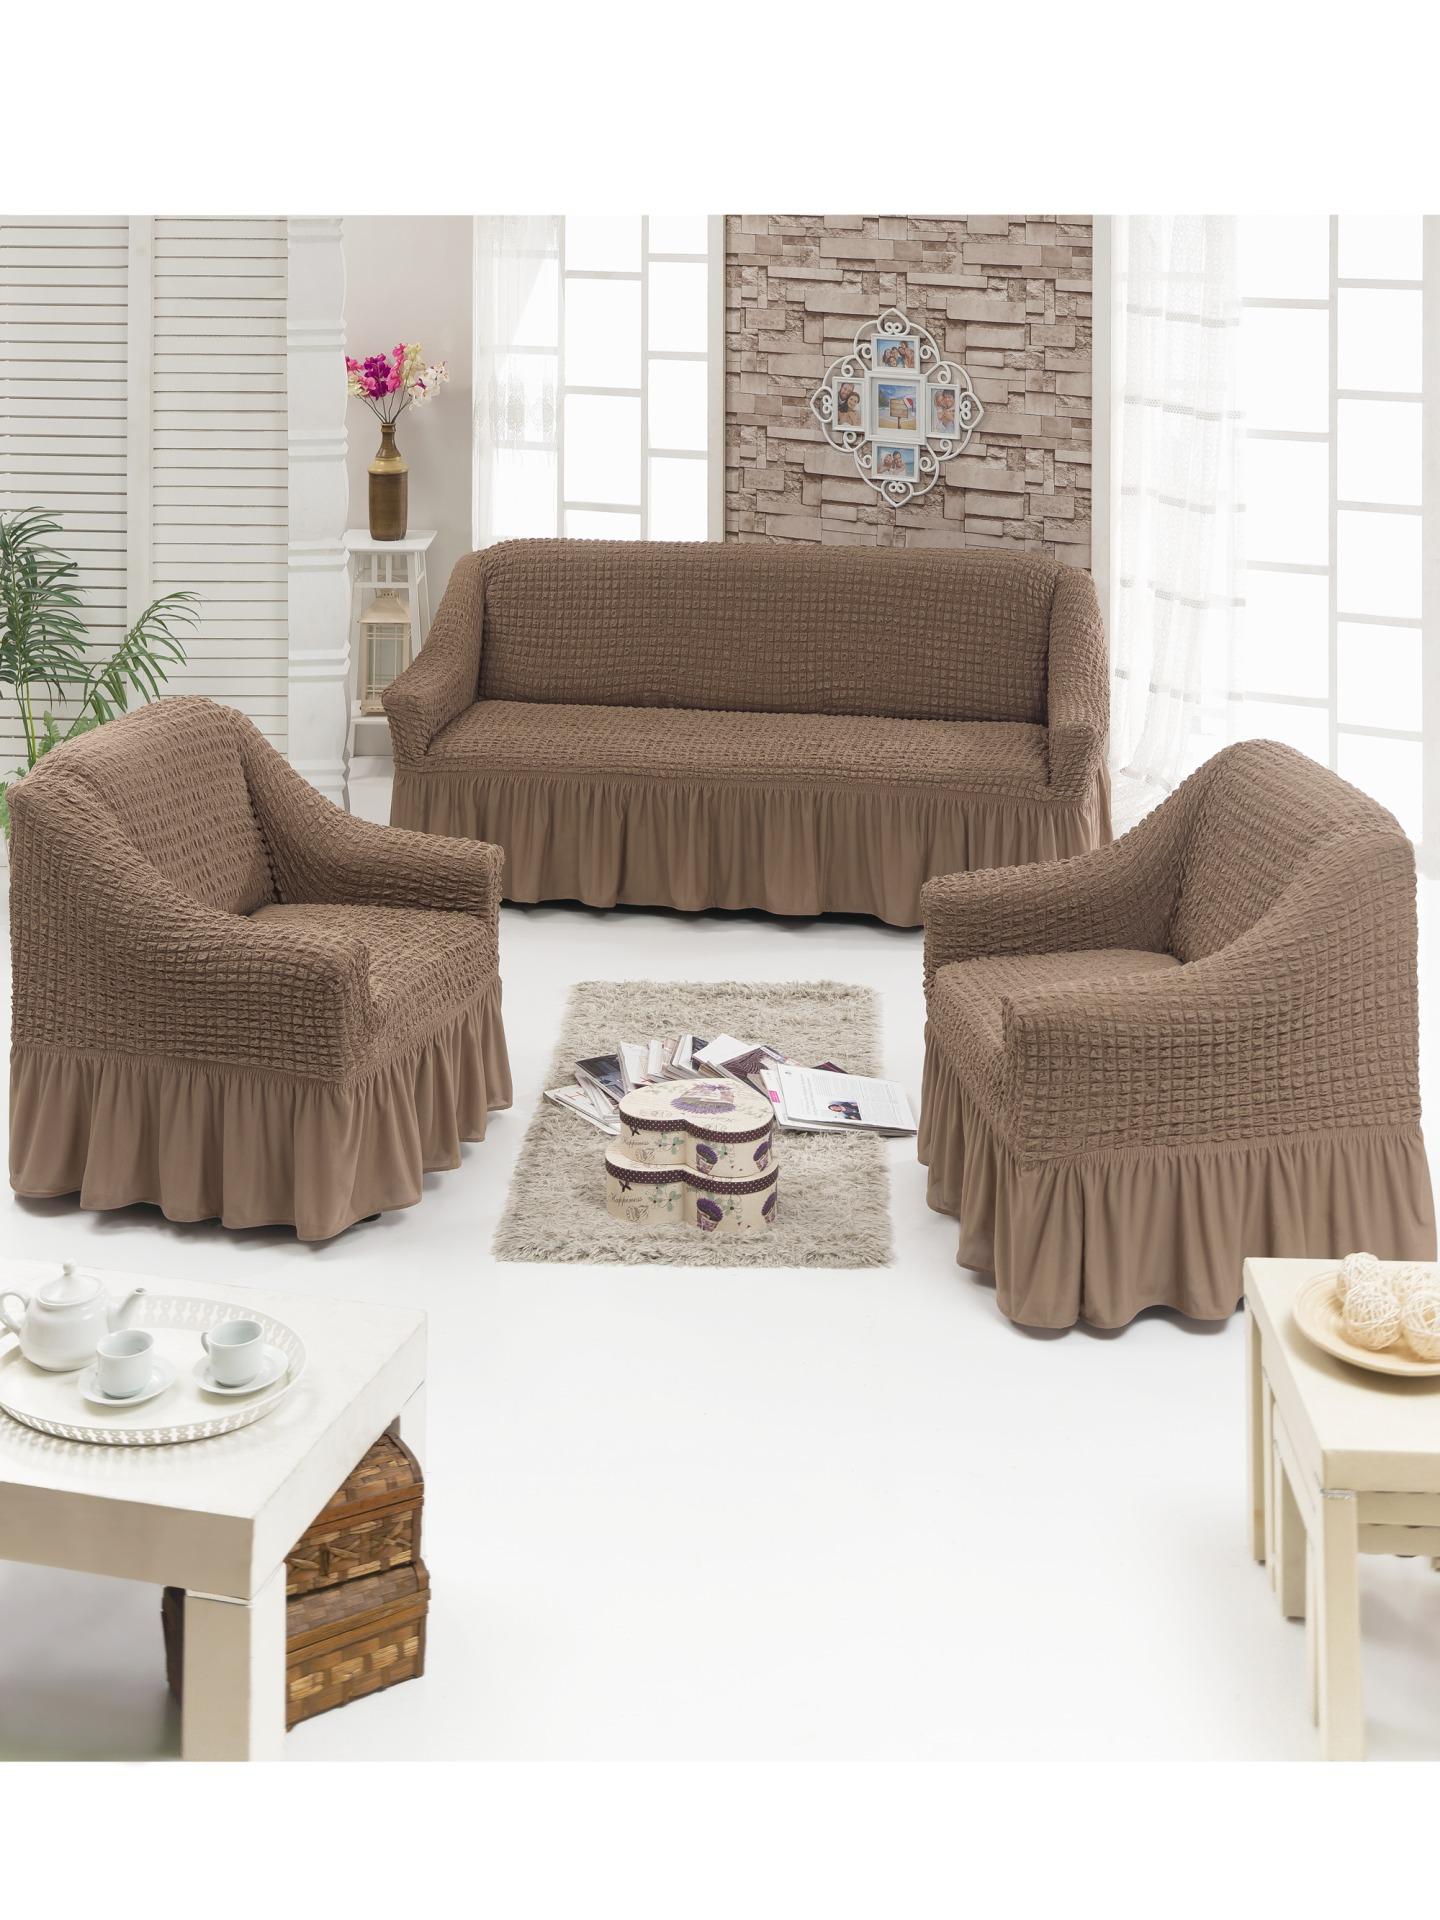 чехлы на диван и кресла на резинке серо коричневый